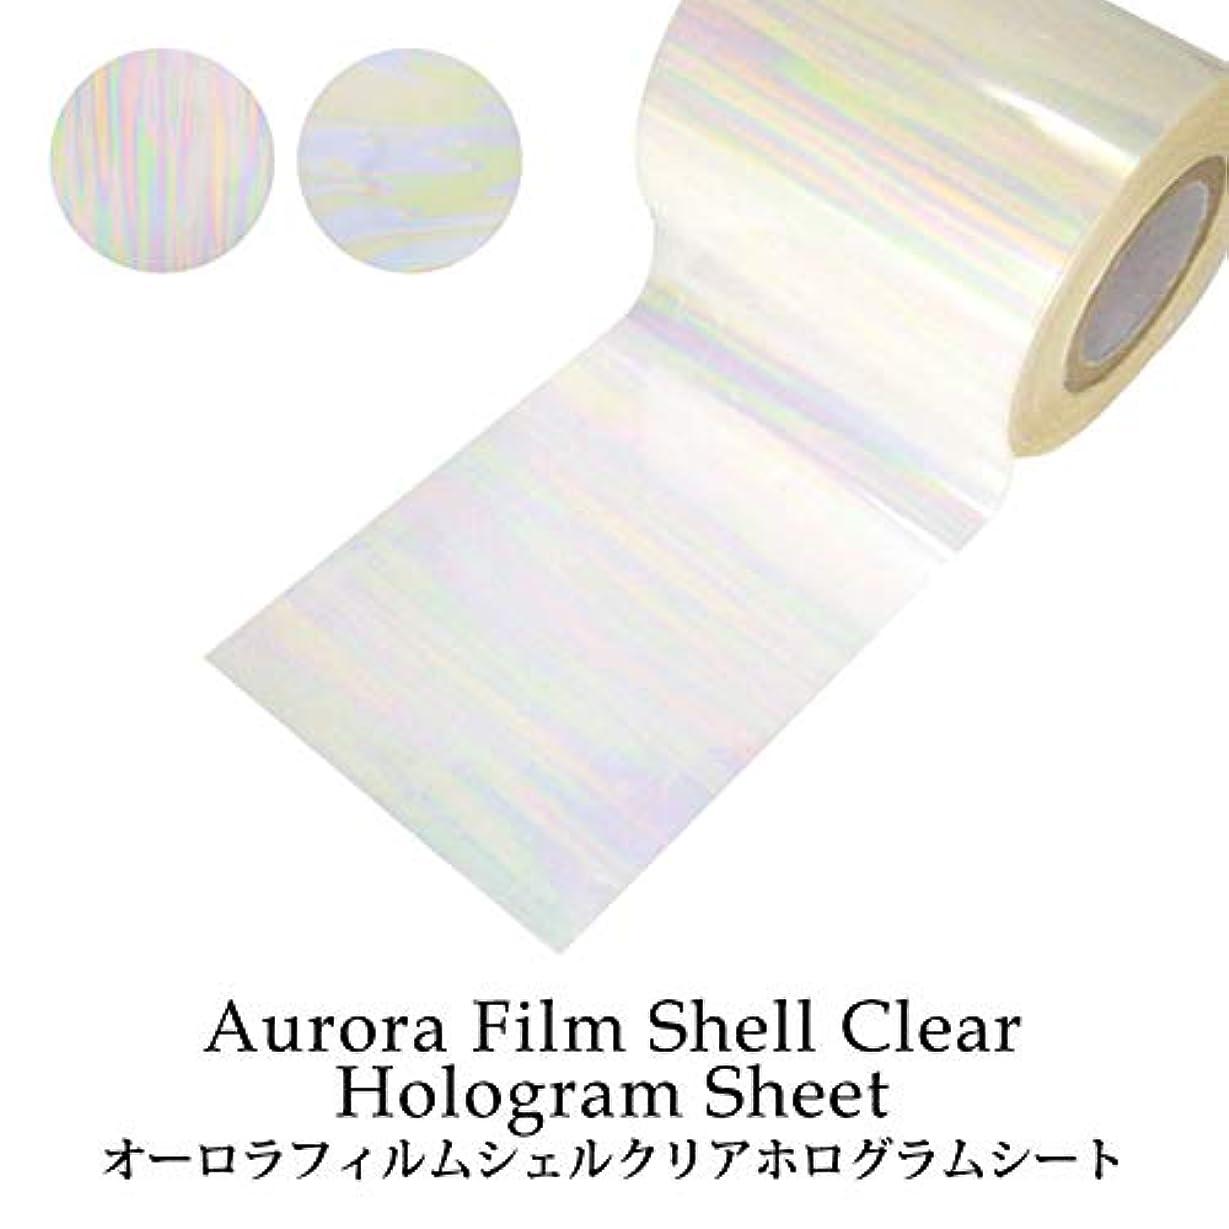 ペレグリネーションシンプルさ四面体オーロラフィルム シェルクリア ホログラムシート(1-2) 1枚入り (1.シェルクリア(縦))